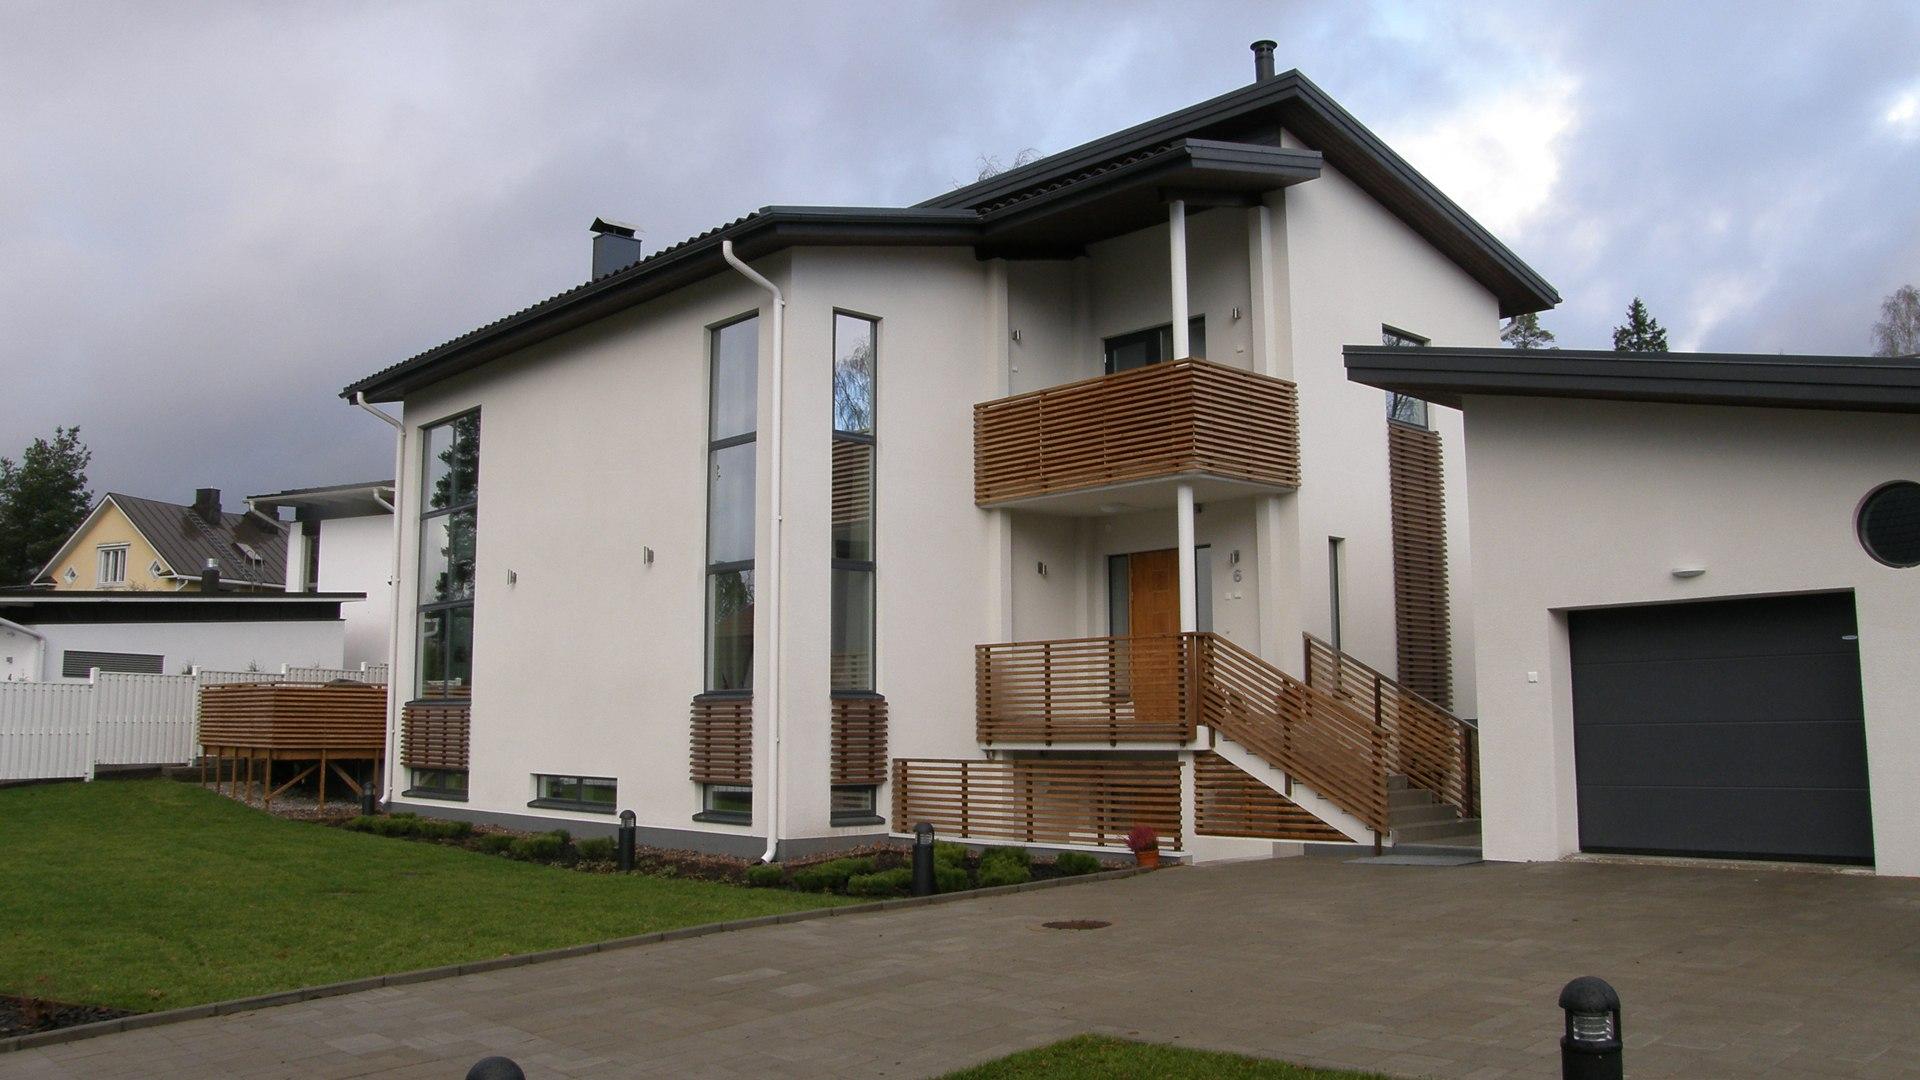 Passiivienergiatalo Villa Borg